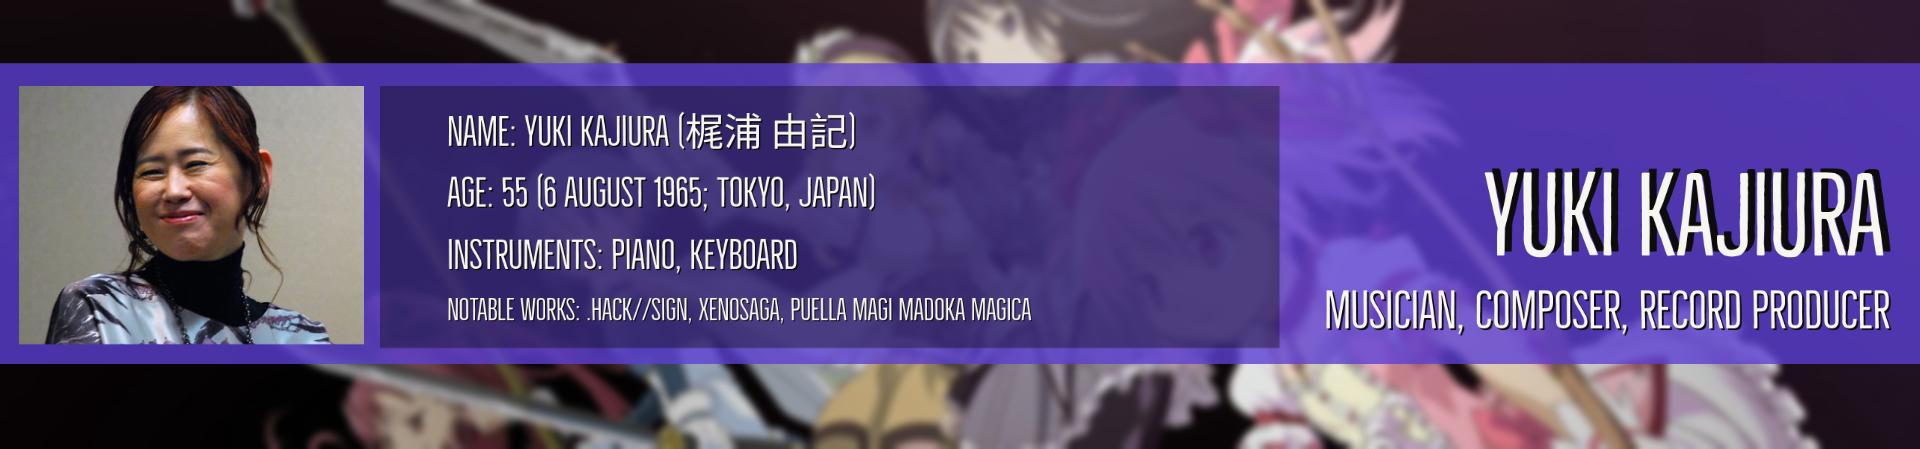 Introducing... Yuki Kajiura